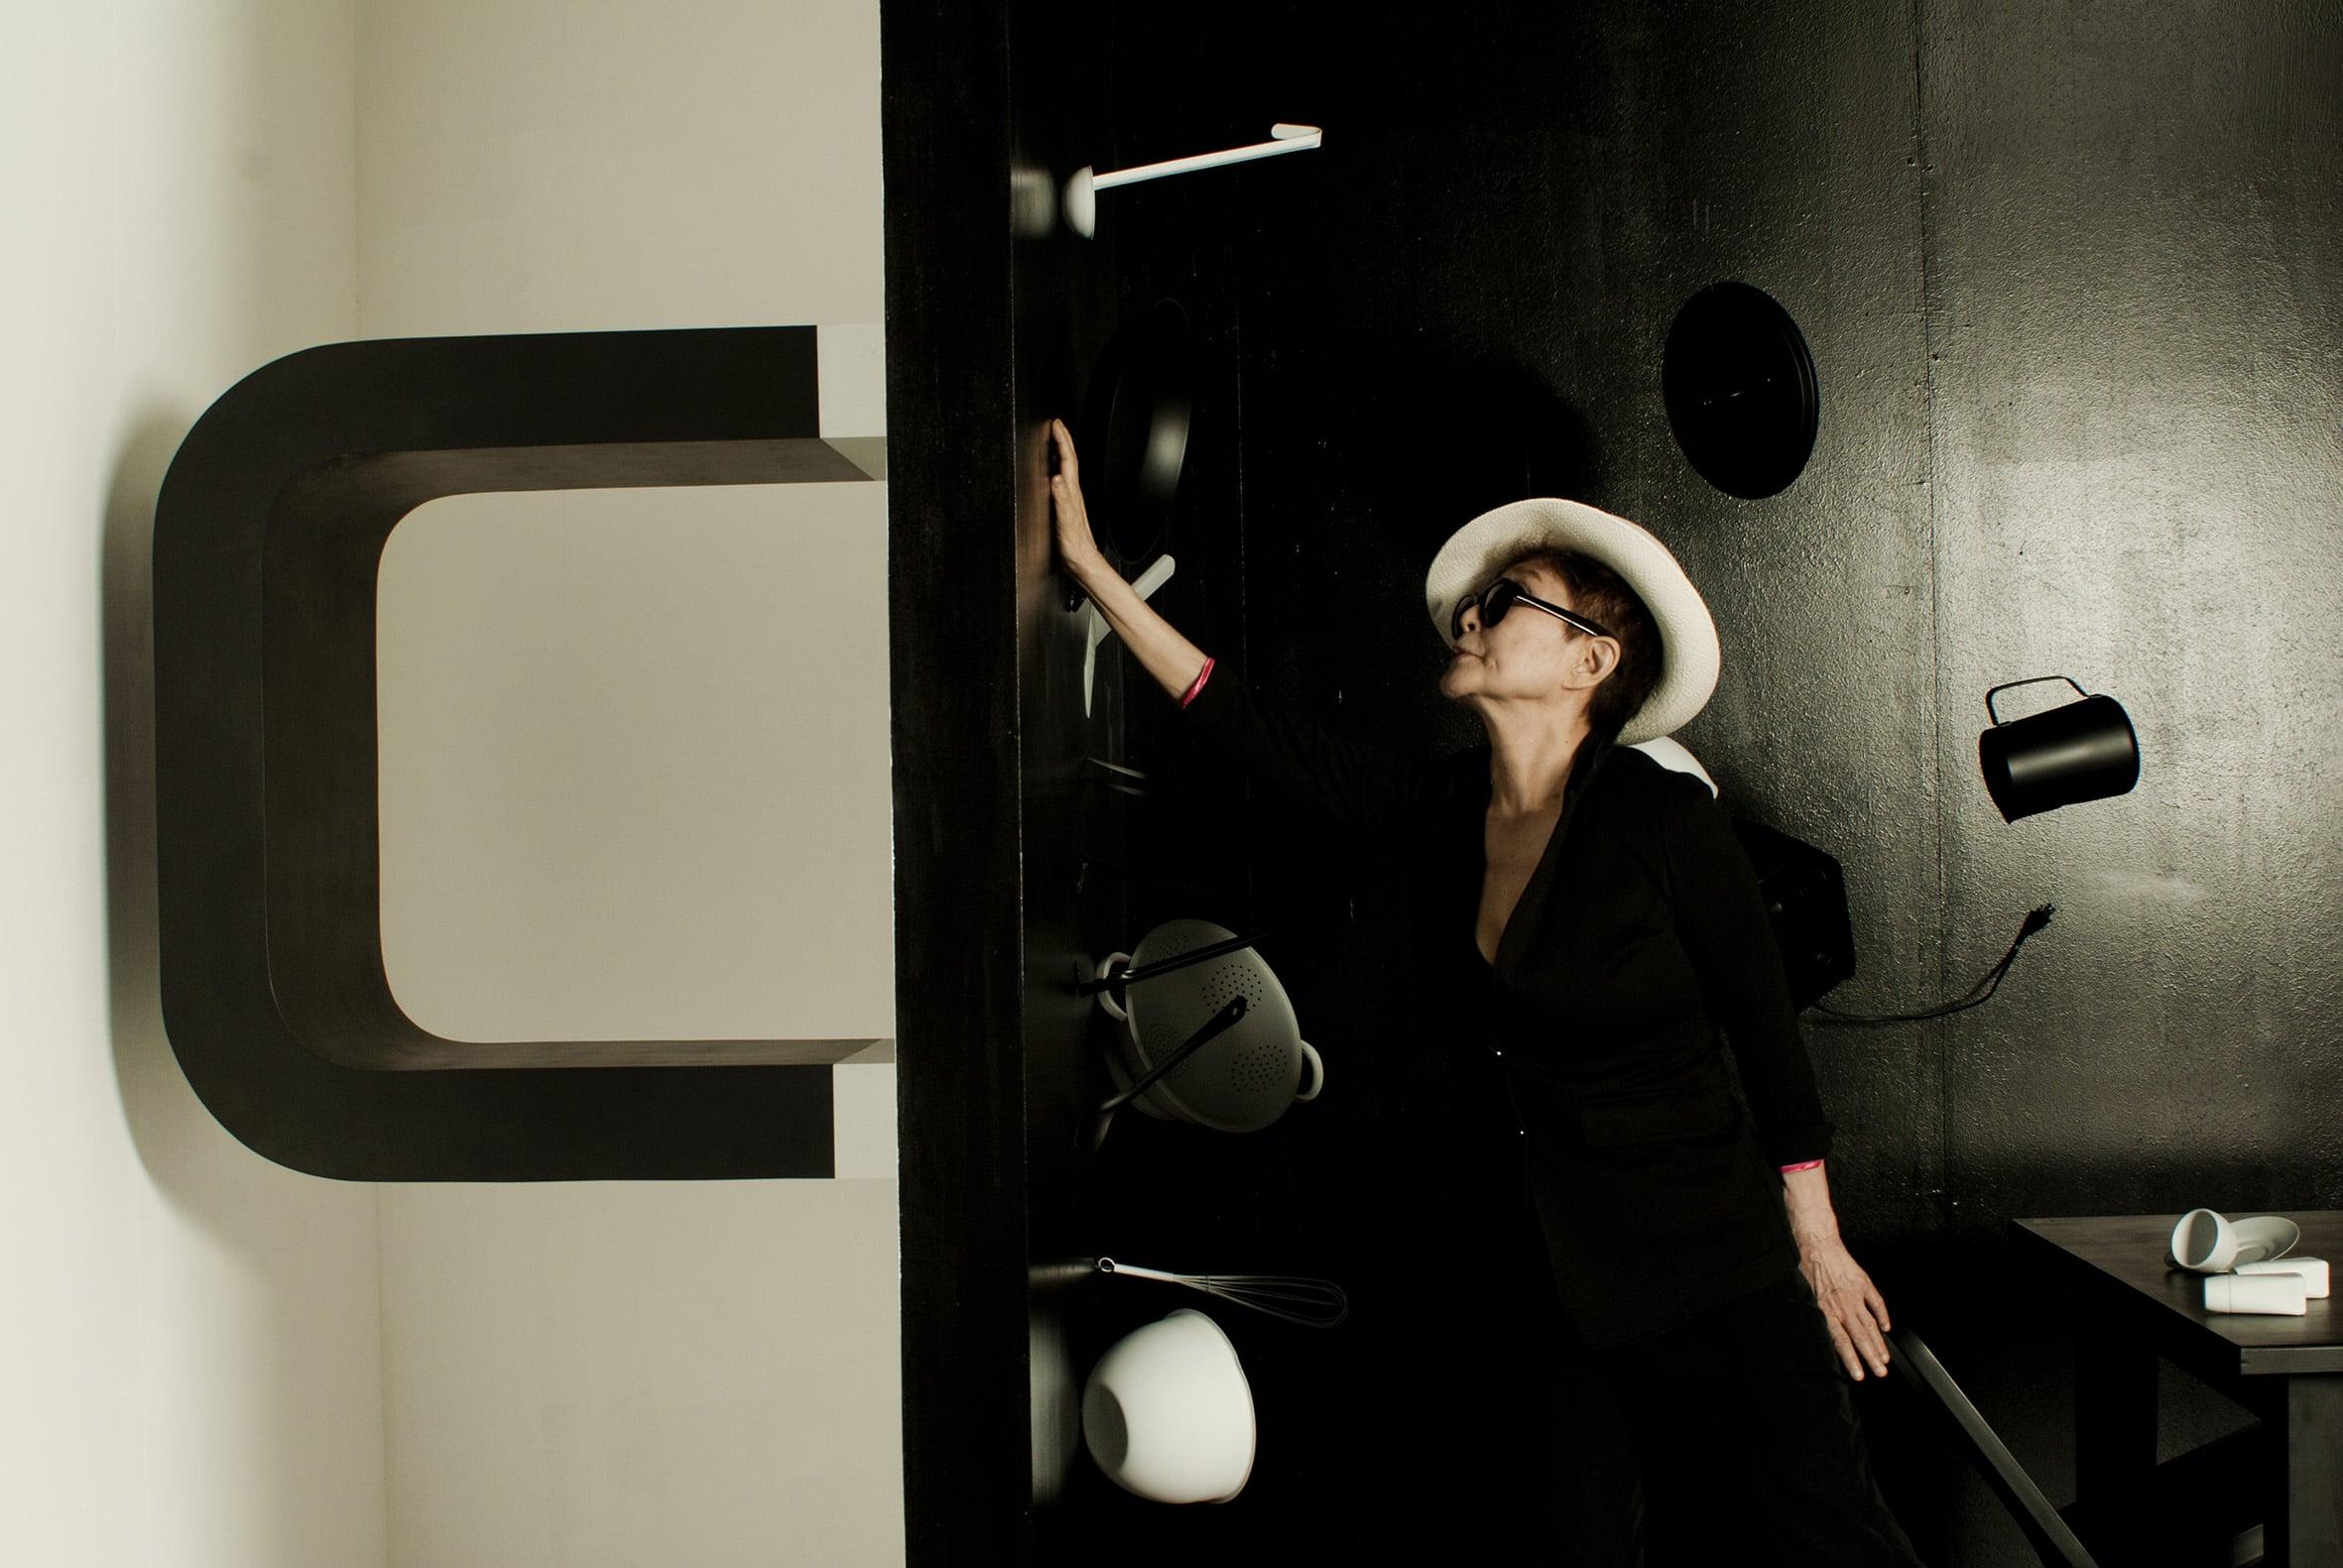 Vue de la rétrospective YOKO ONO Lumière de L'aube au MAC Lyon (09 mars – 10 juillet 2016) Œuvre : Play It By Trust Courtesy Yoko Ono © Photo : Blaise Adilon